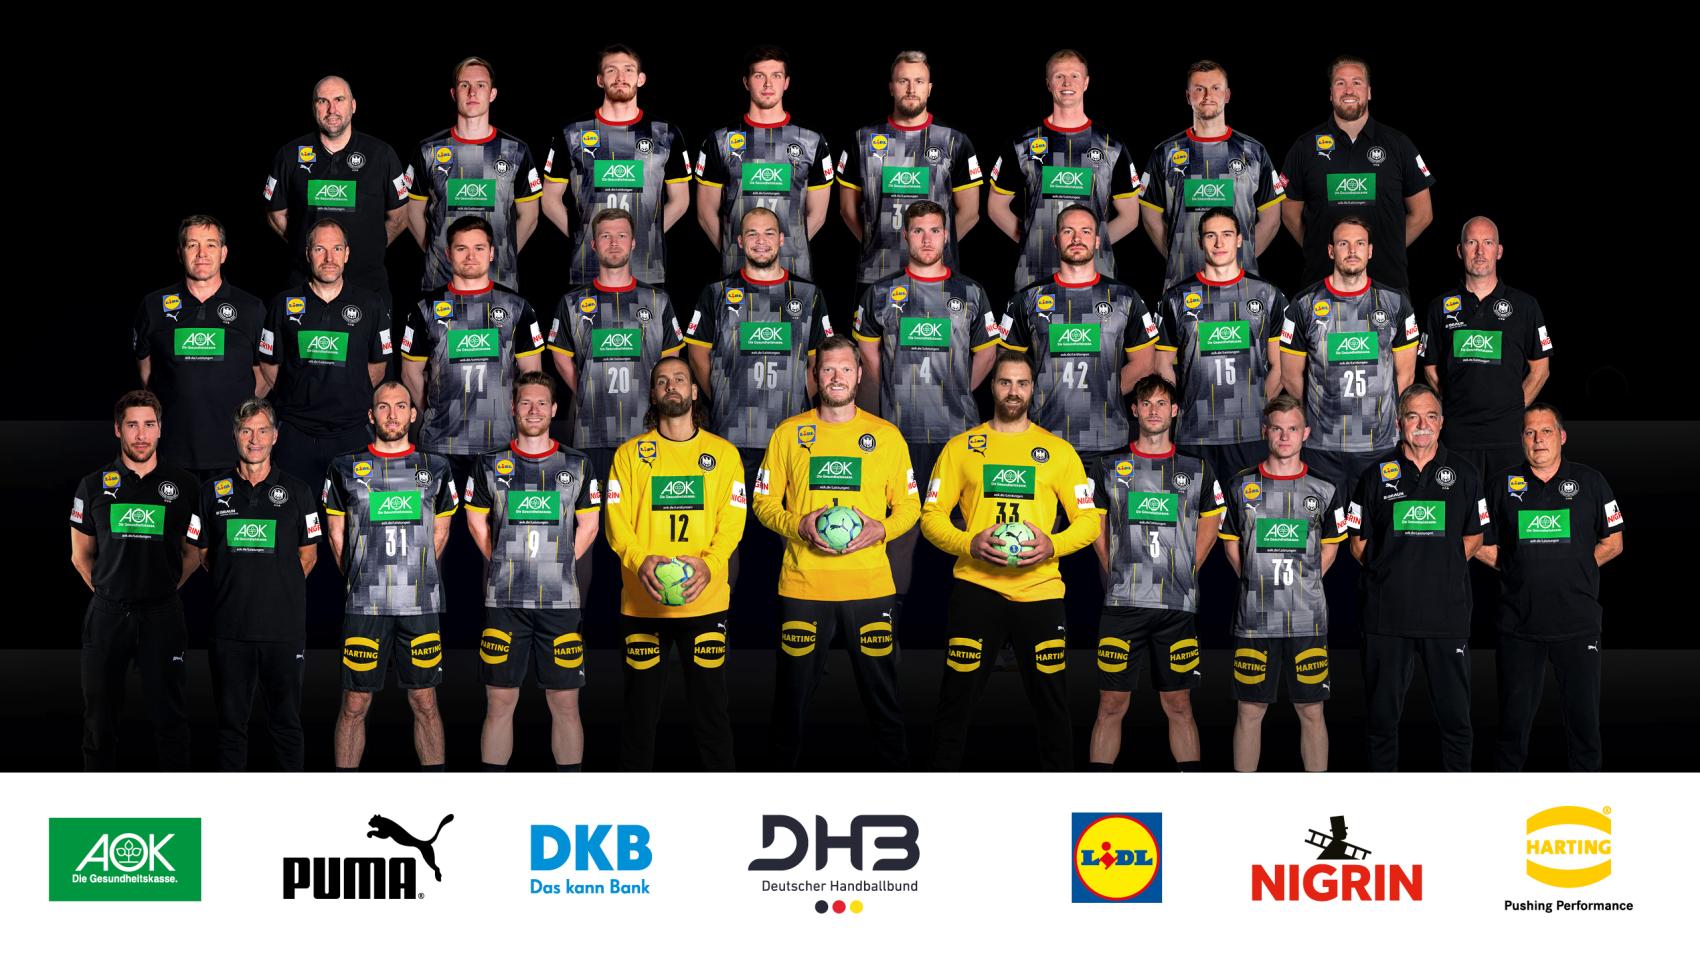 Ein Teamfoto der deutschen Handball-Nationalmannschaft. Die Spieler und Verantwortlichen stehen in drei Reihen hintereinander und nach oben versetzt. Sie tragen dunkle Trikots, die Feldspieler grau und die Verantwortlichen schwarz jeweils mit grünem Aufdruck. Die drei Torhüter stehen in der ersten Reihe vorn und tragen gelbe Trikots. Sie halten grüne Handbälle in den Händen. Foto: Sascha Klahn/DHB, kurz vor der Olympia-Qualifikation mit Audiodeskription.